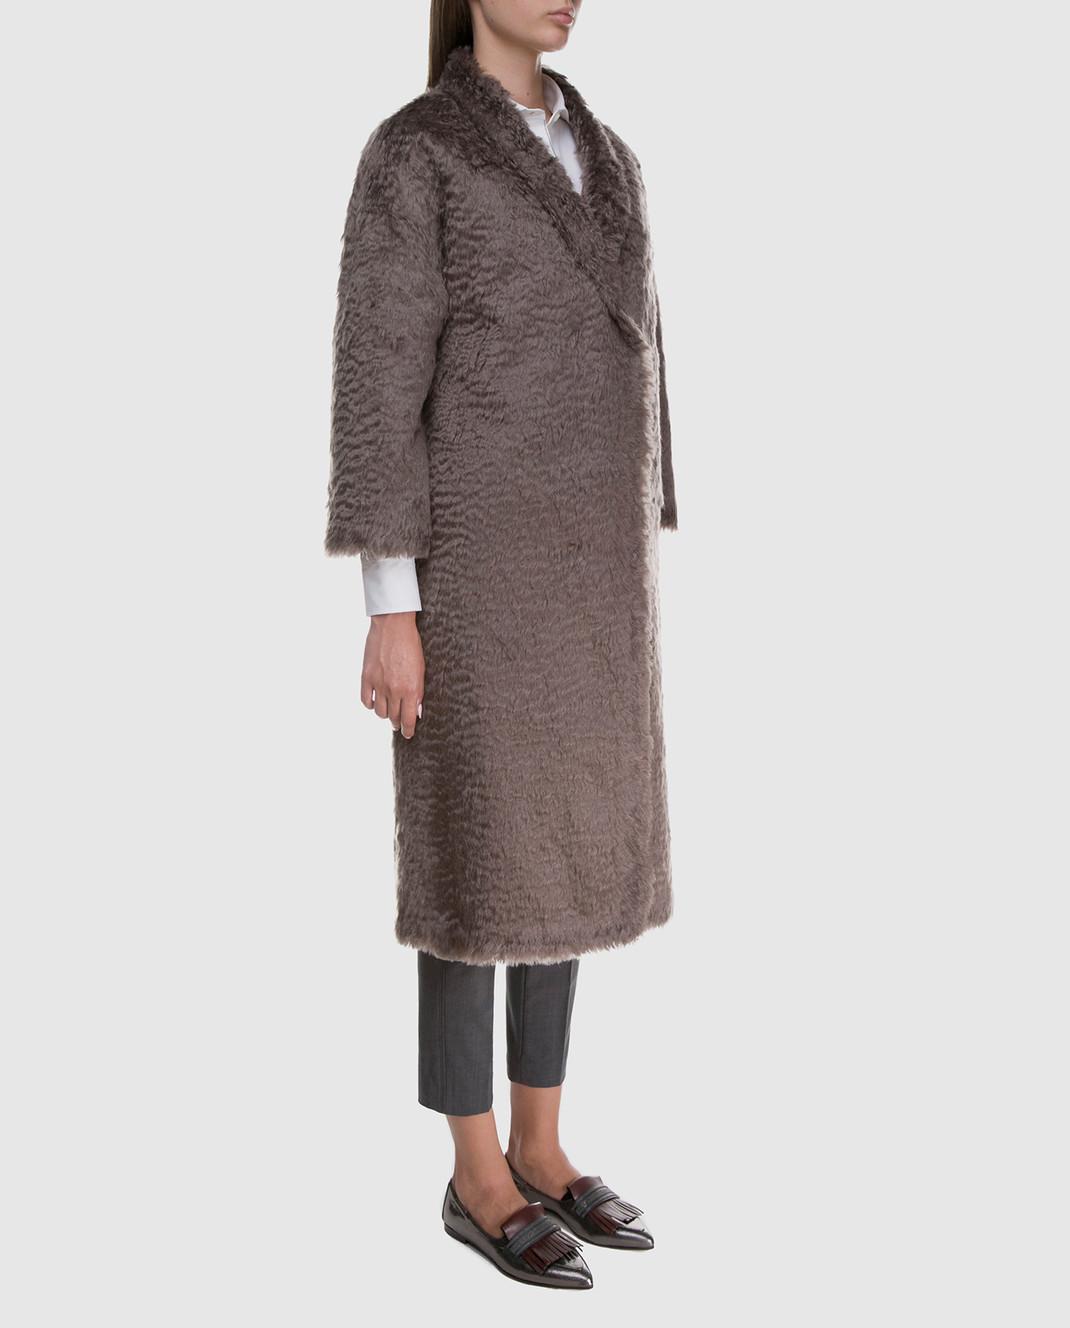 Brunello Cucinelli Двустороннее пальто MB5119241 изображение 4